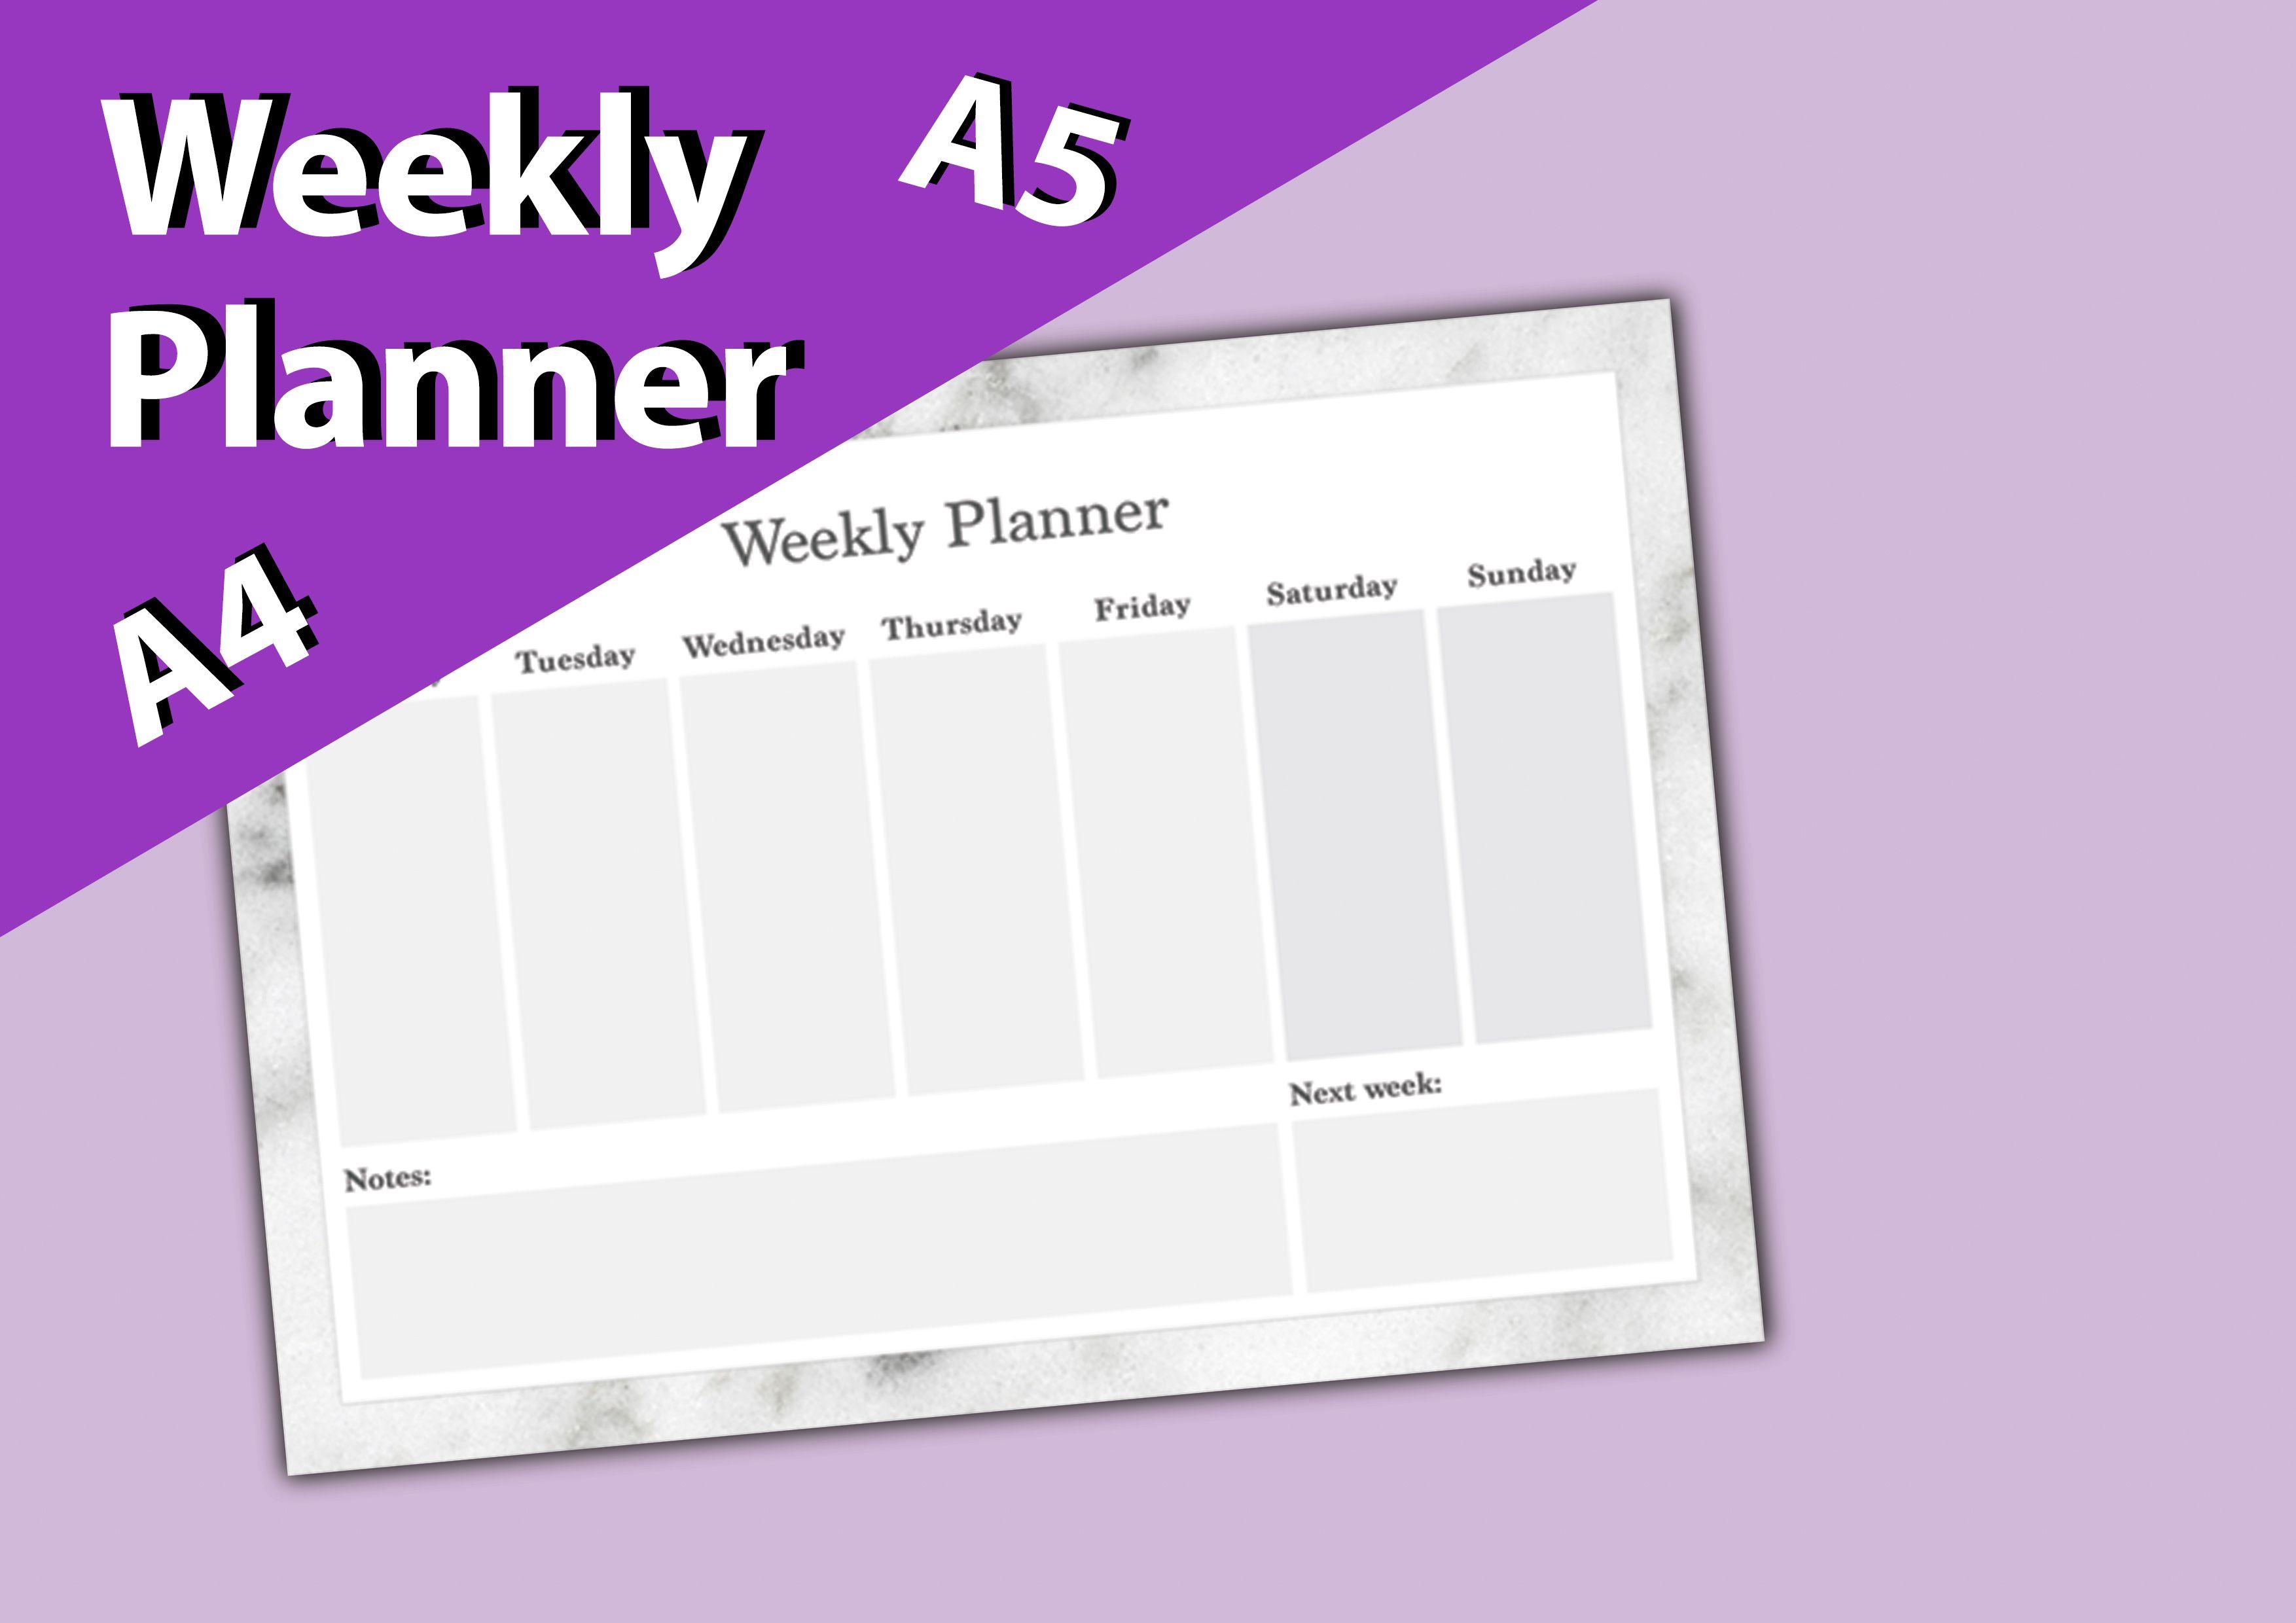 Planner Printable Weekly Planner  Agenda  Weekly